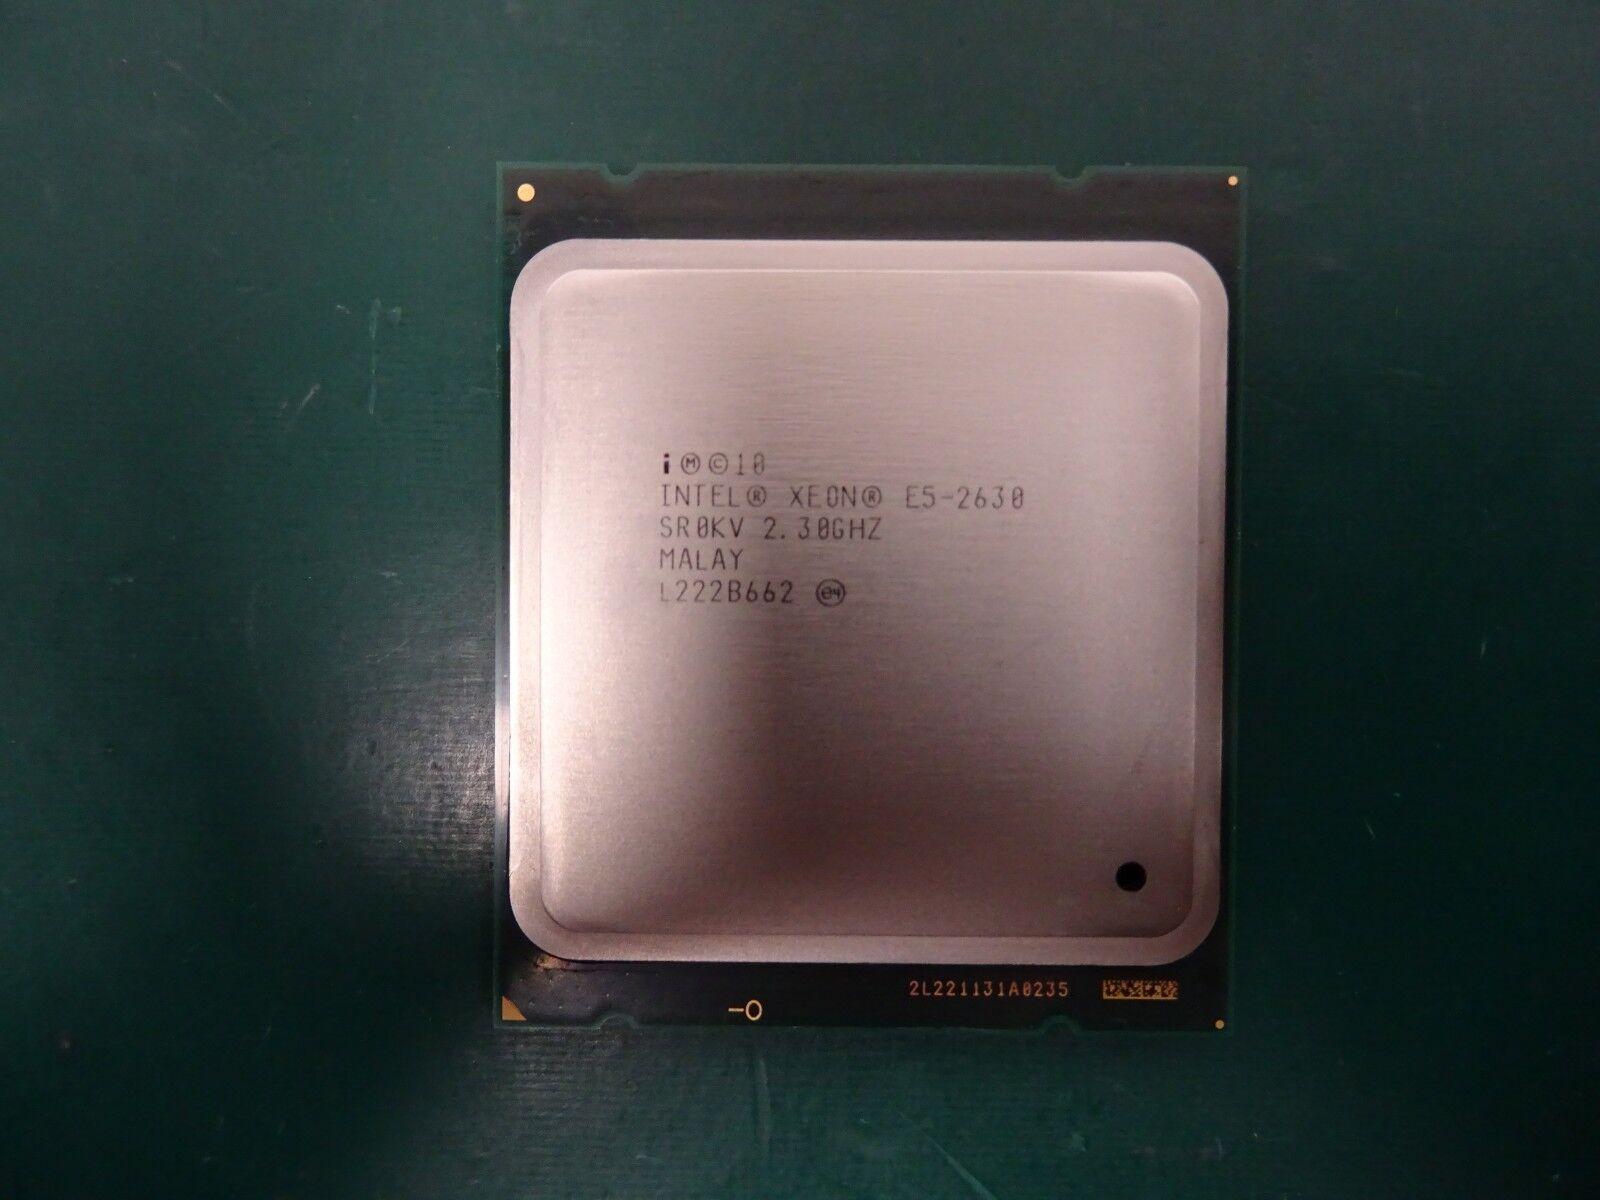 Intel Xeon E5-2630 6-Core 2.3GHz 2.8GHz LGA2011 CPU SR0KV